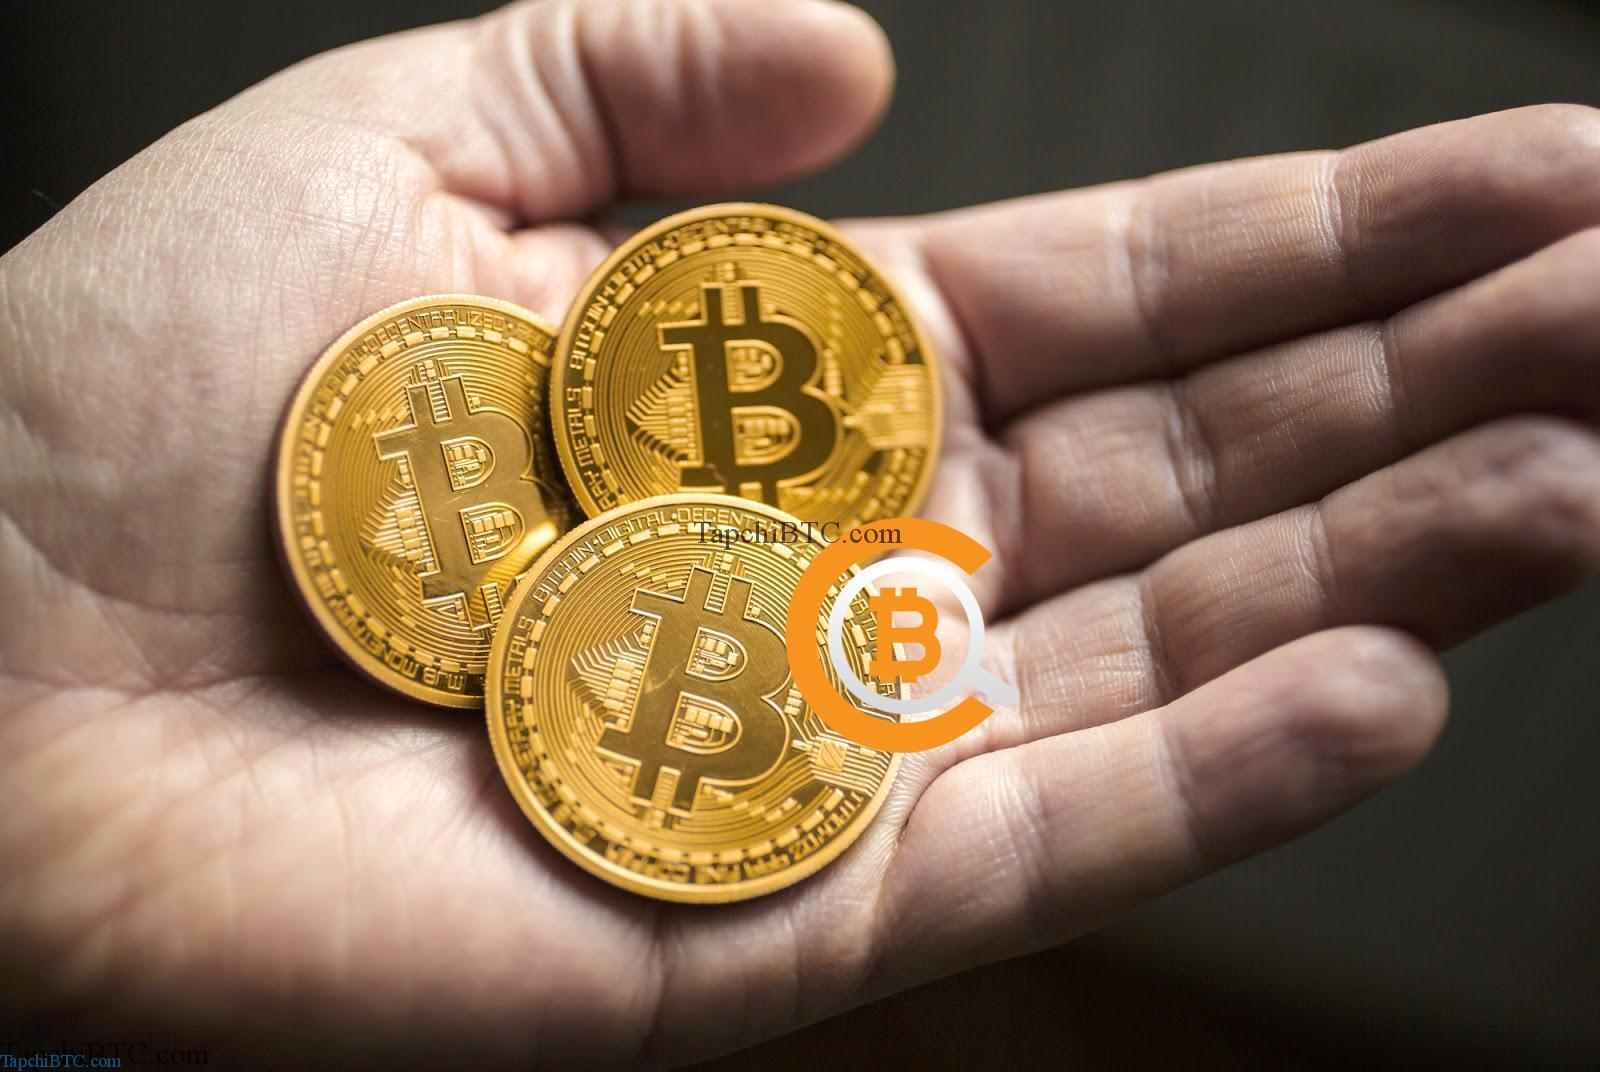 Cách chuyển Bitcoin thành tiền mặt như thế nào?